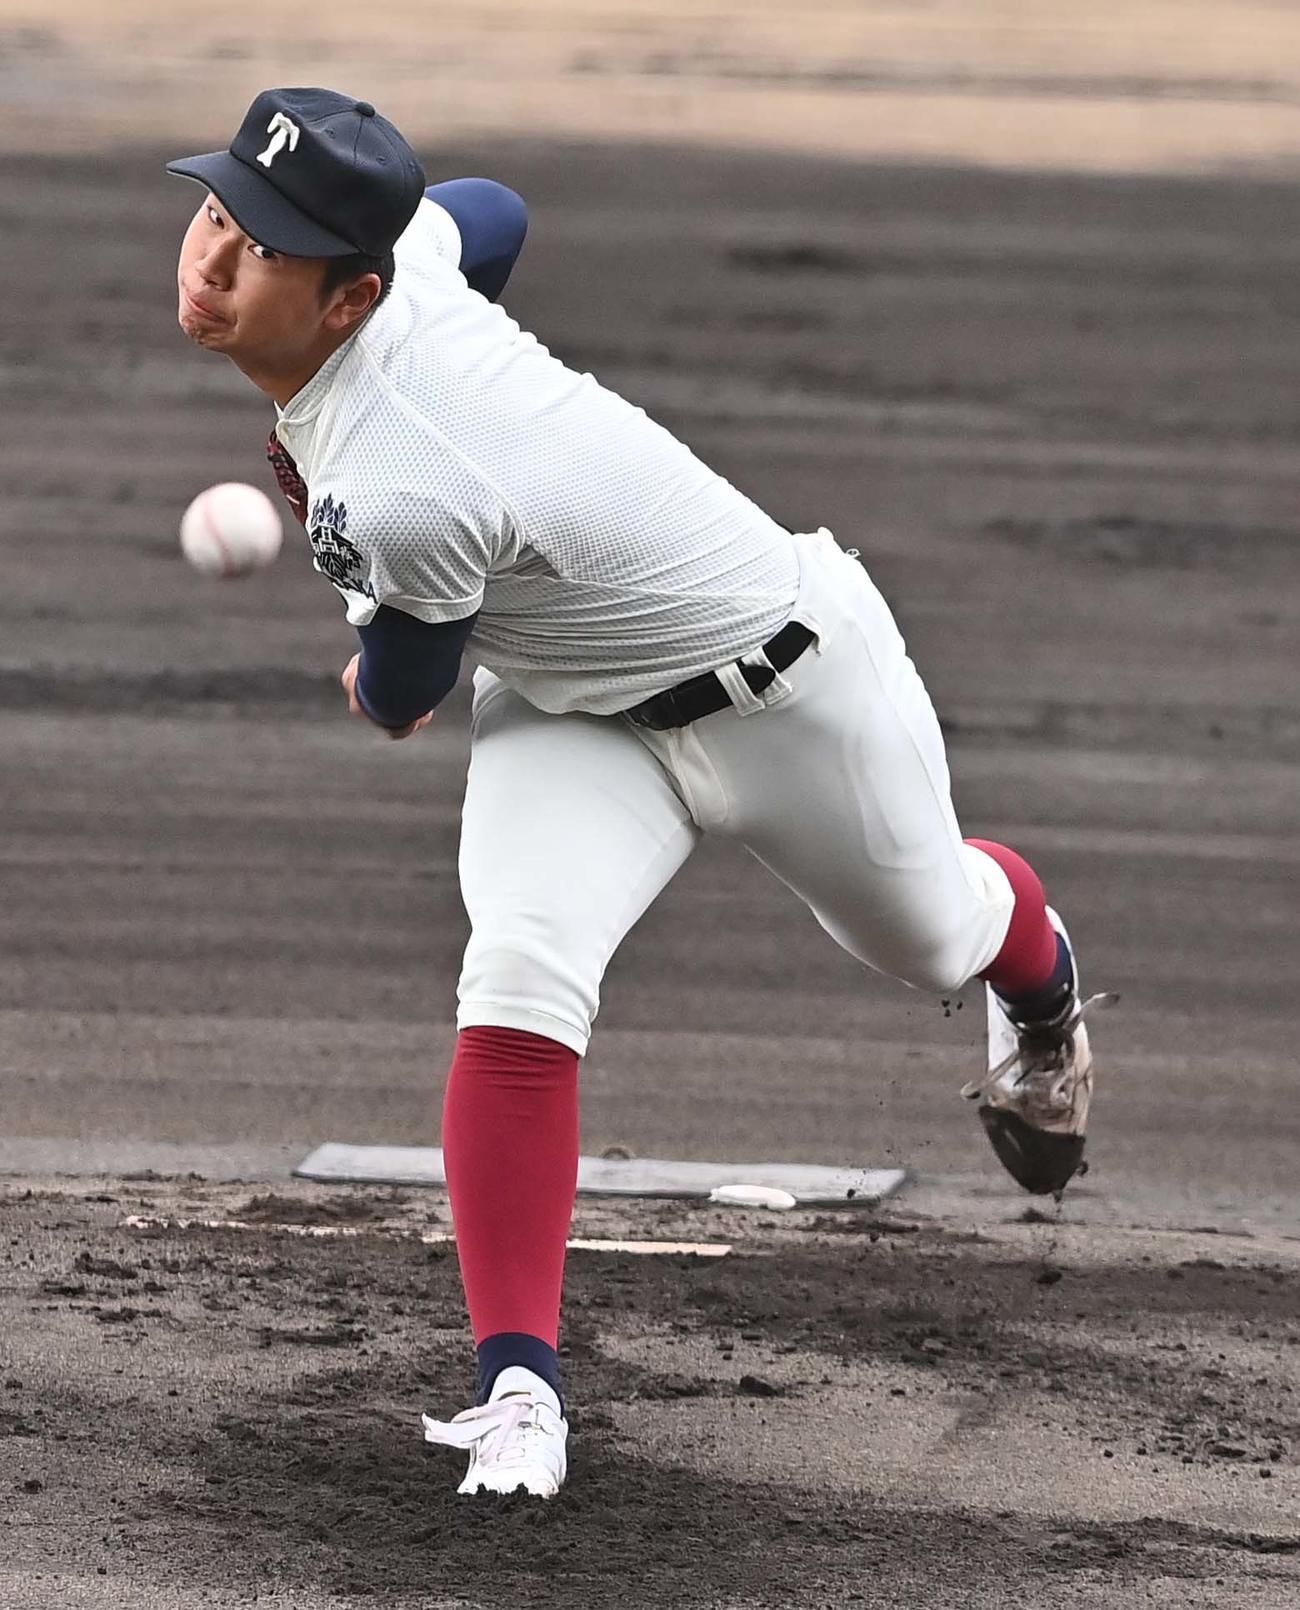 先発した大阪桐蔭・松浦慶斗は4イニングを無失点に抑えた(撮影・上田博志)